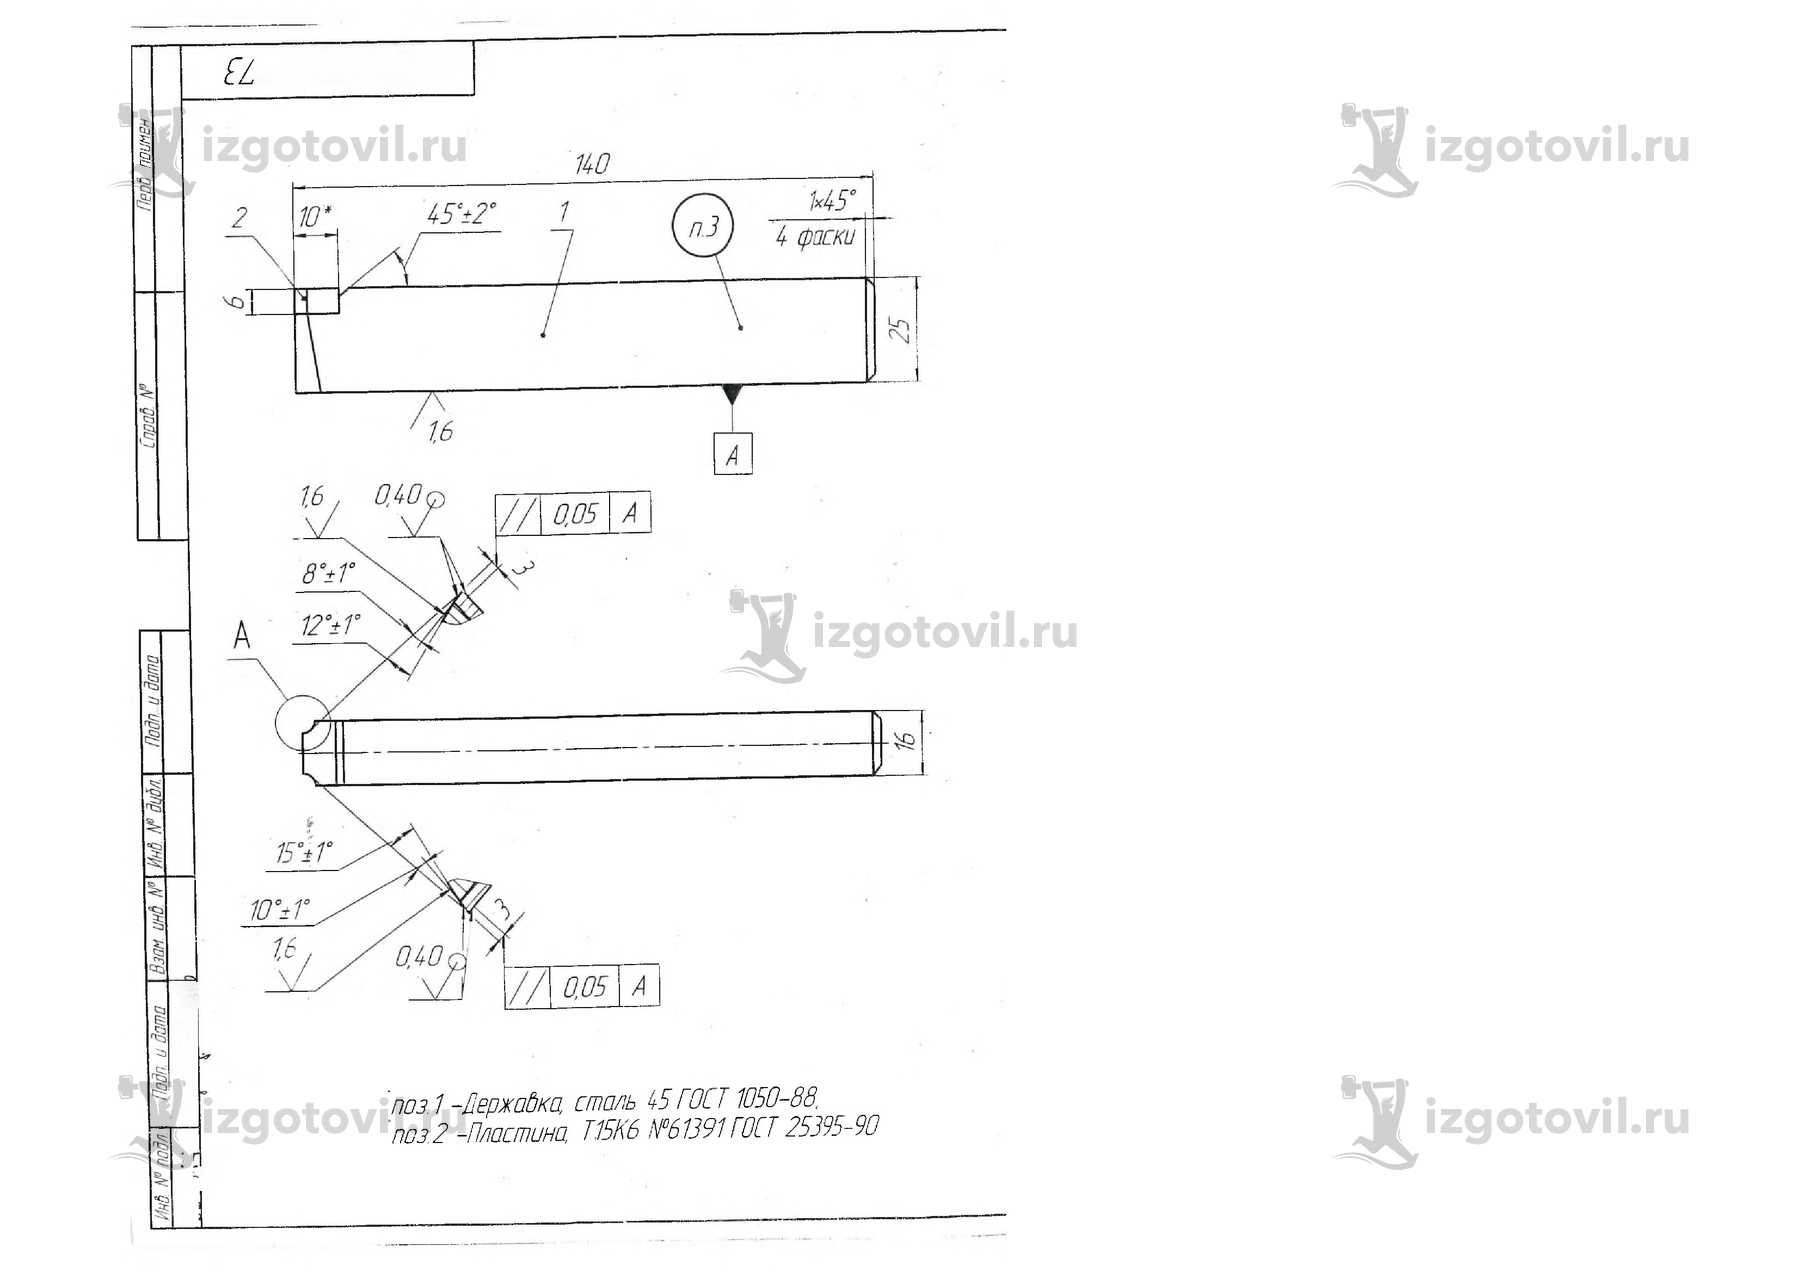 Изготовление деталей по чертежам (детали).